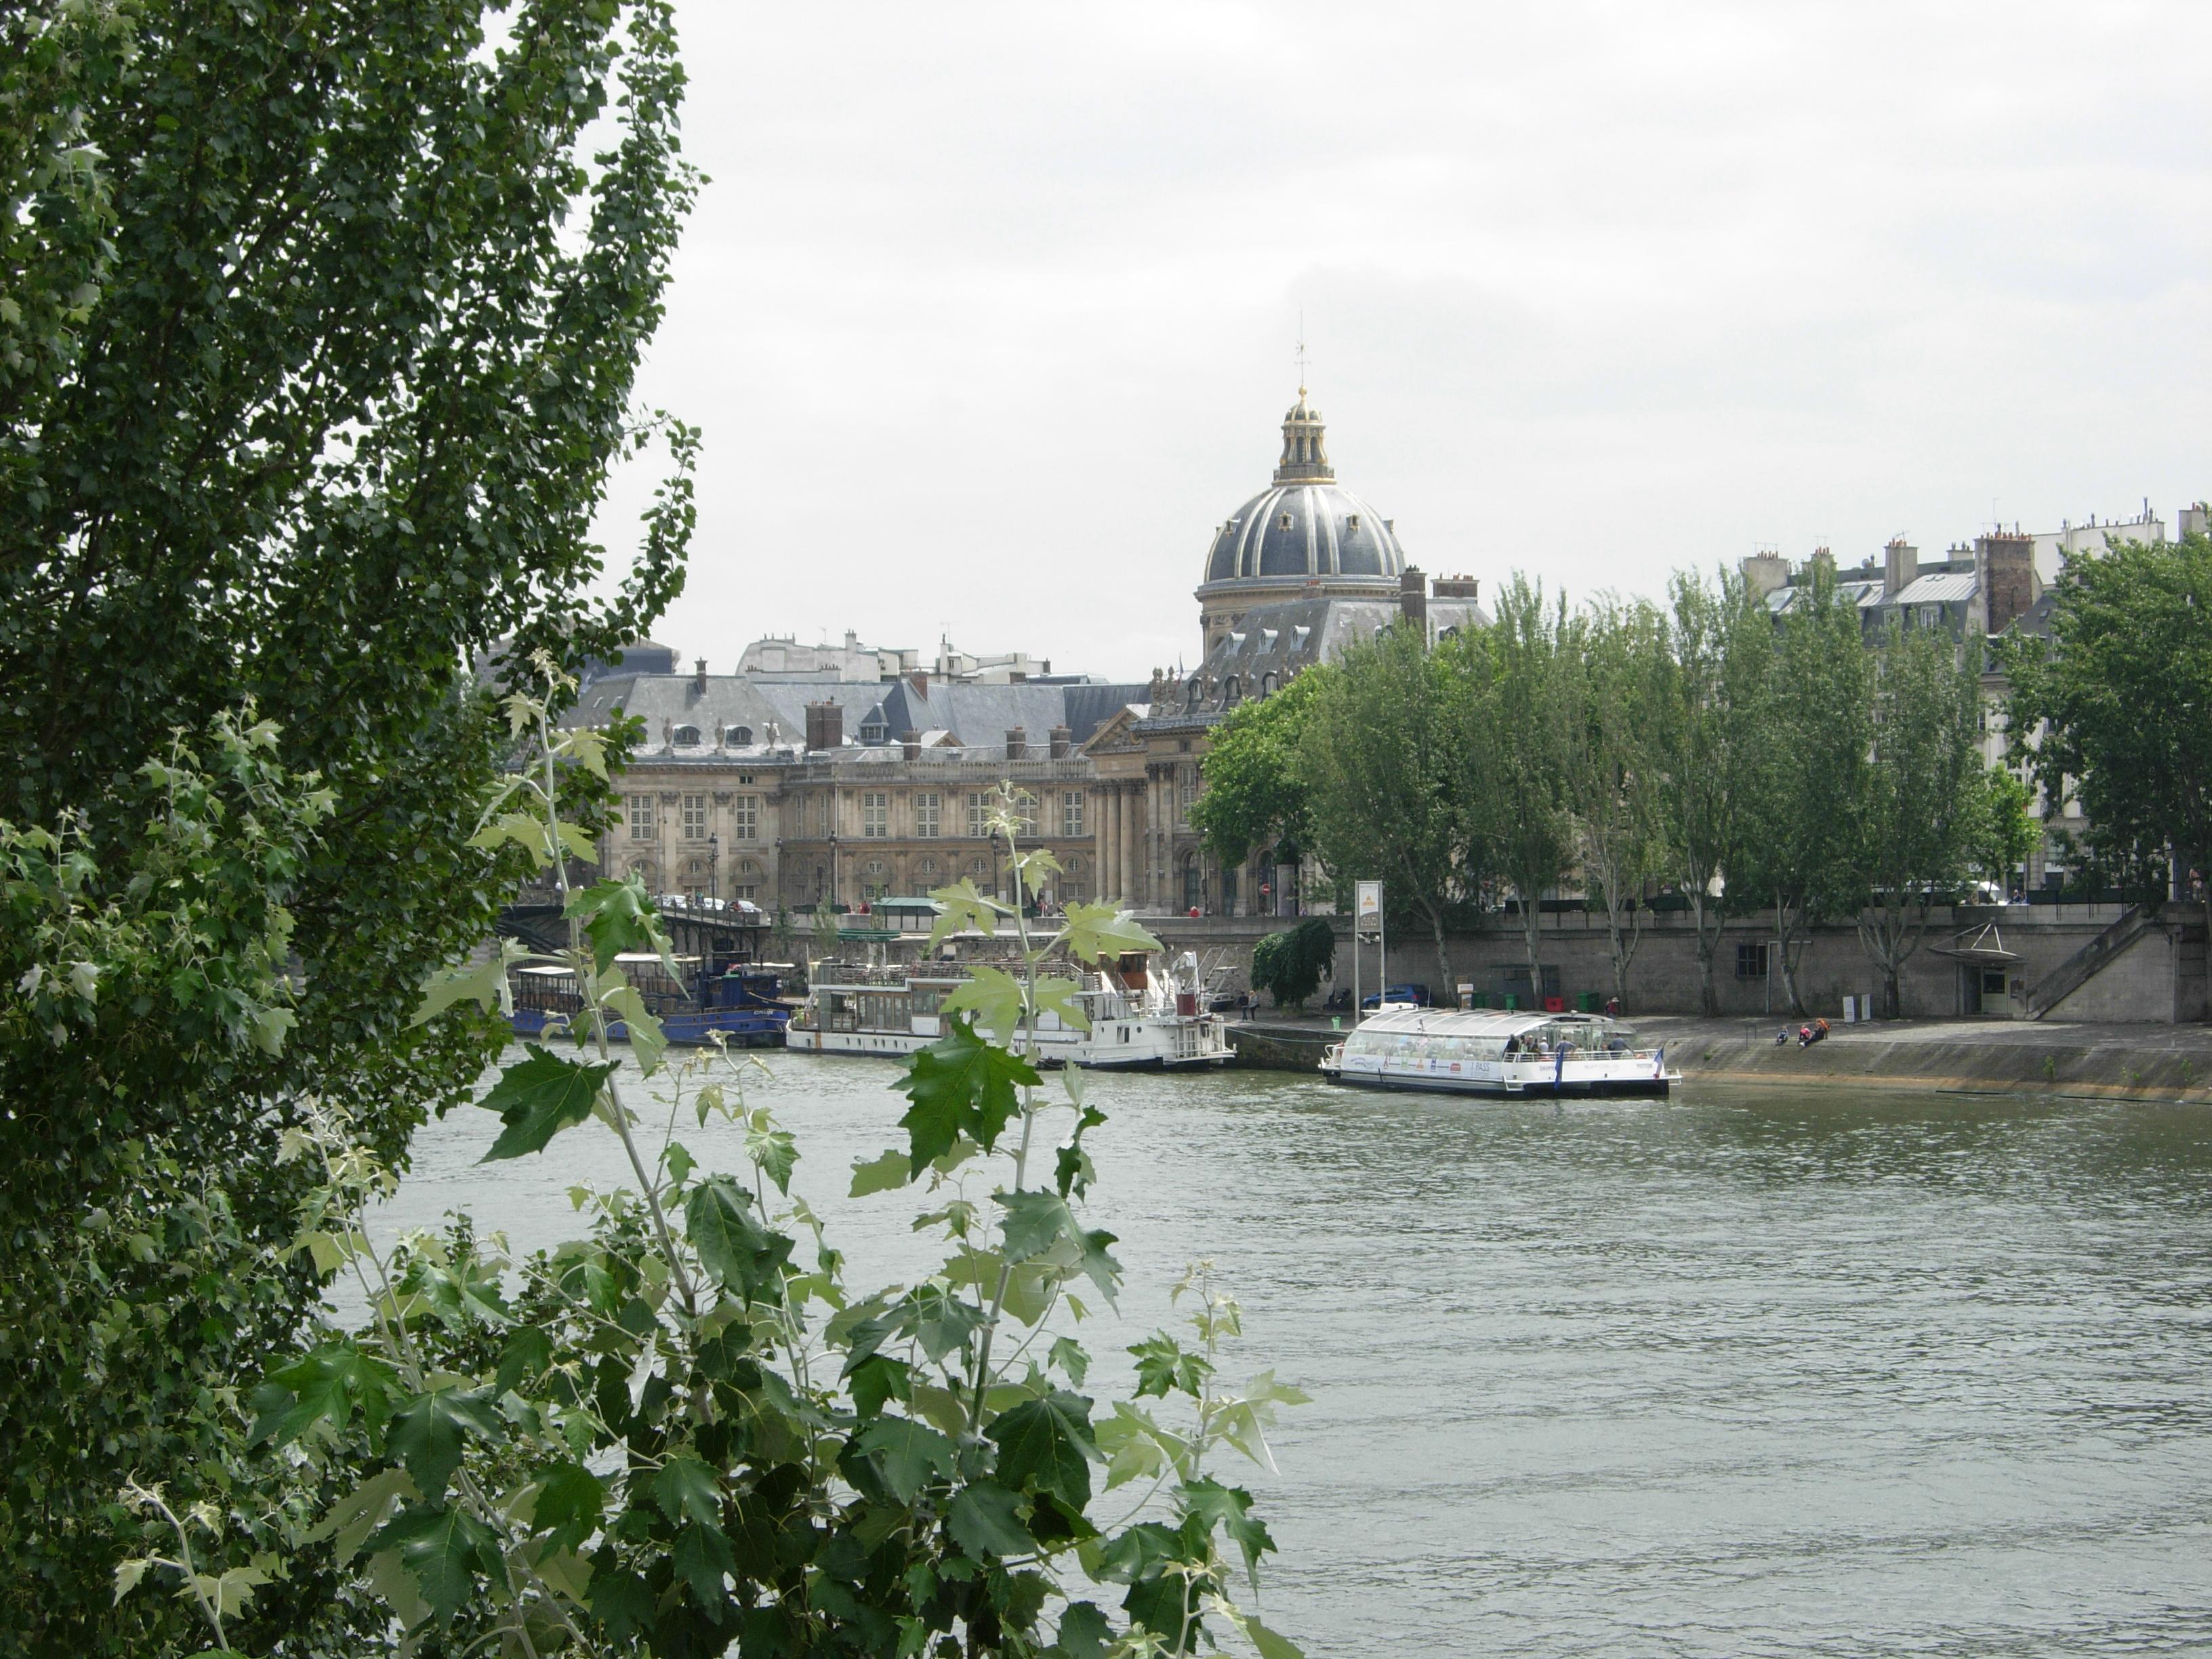 文化巴黎的魅力——卢浮宫、凯旋门……_图1-8